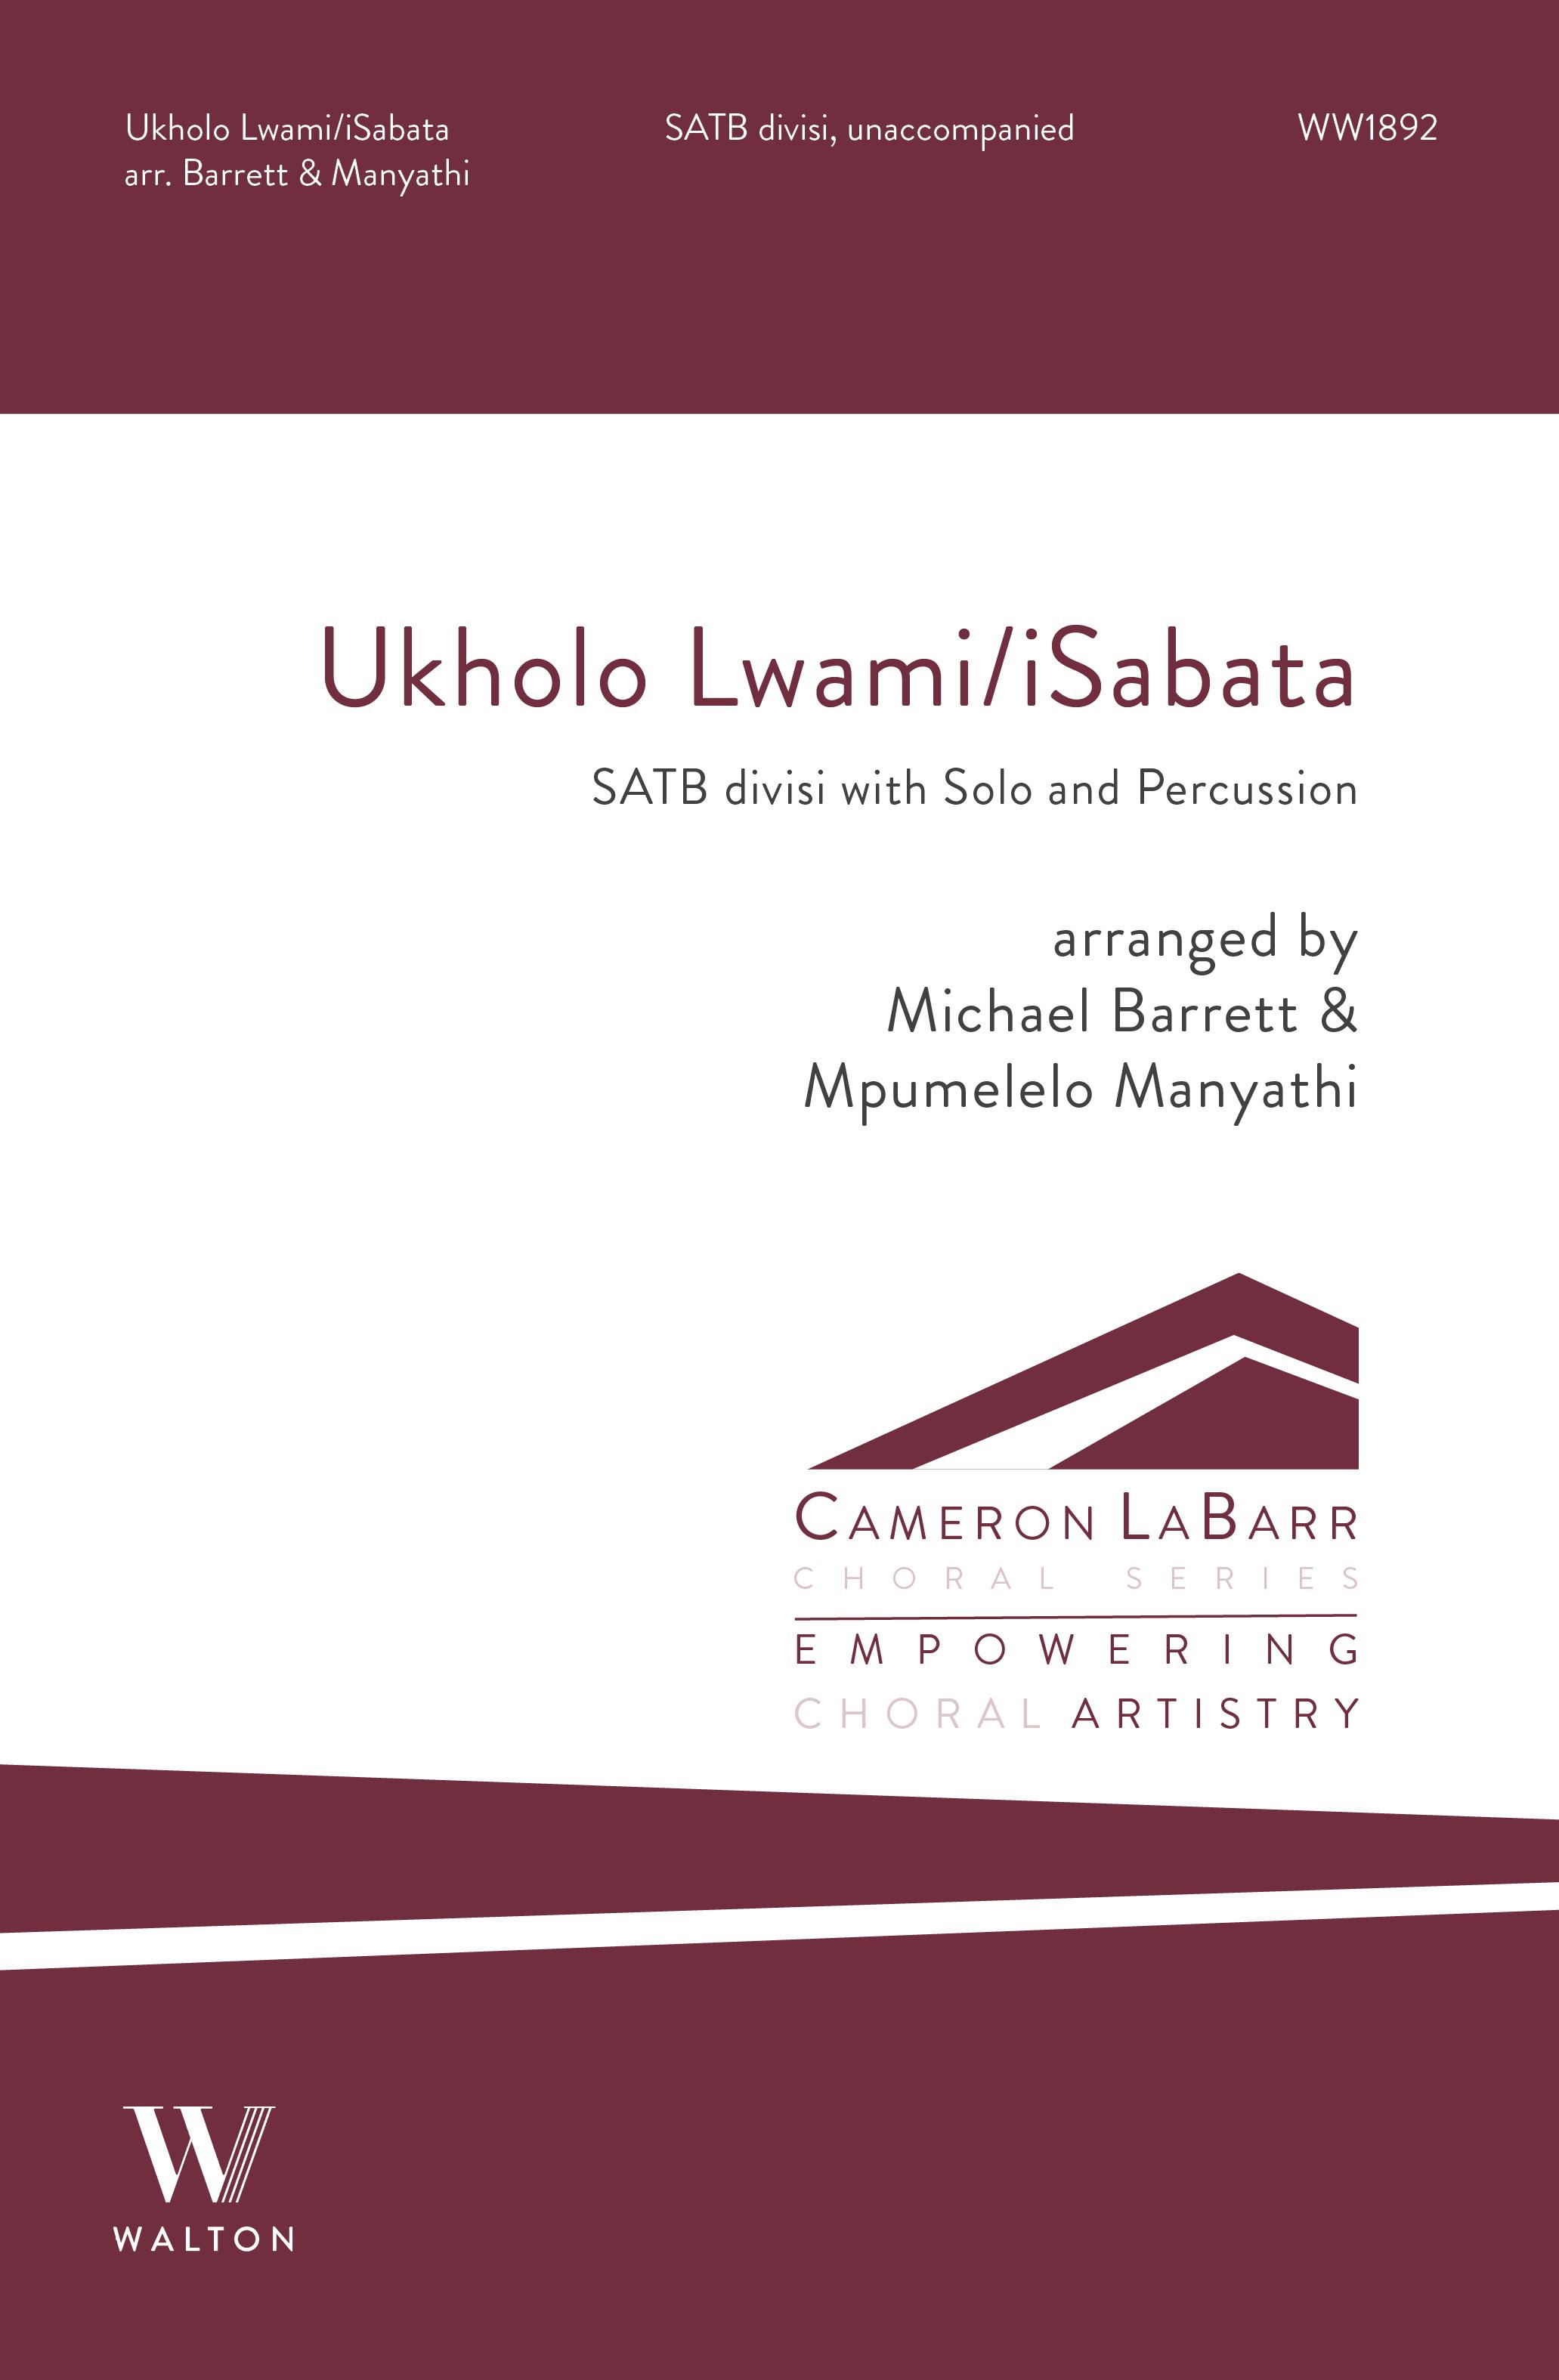 Ukholo Iwami/Isabata: Mixed Choir A Cappella: Choral Score